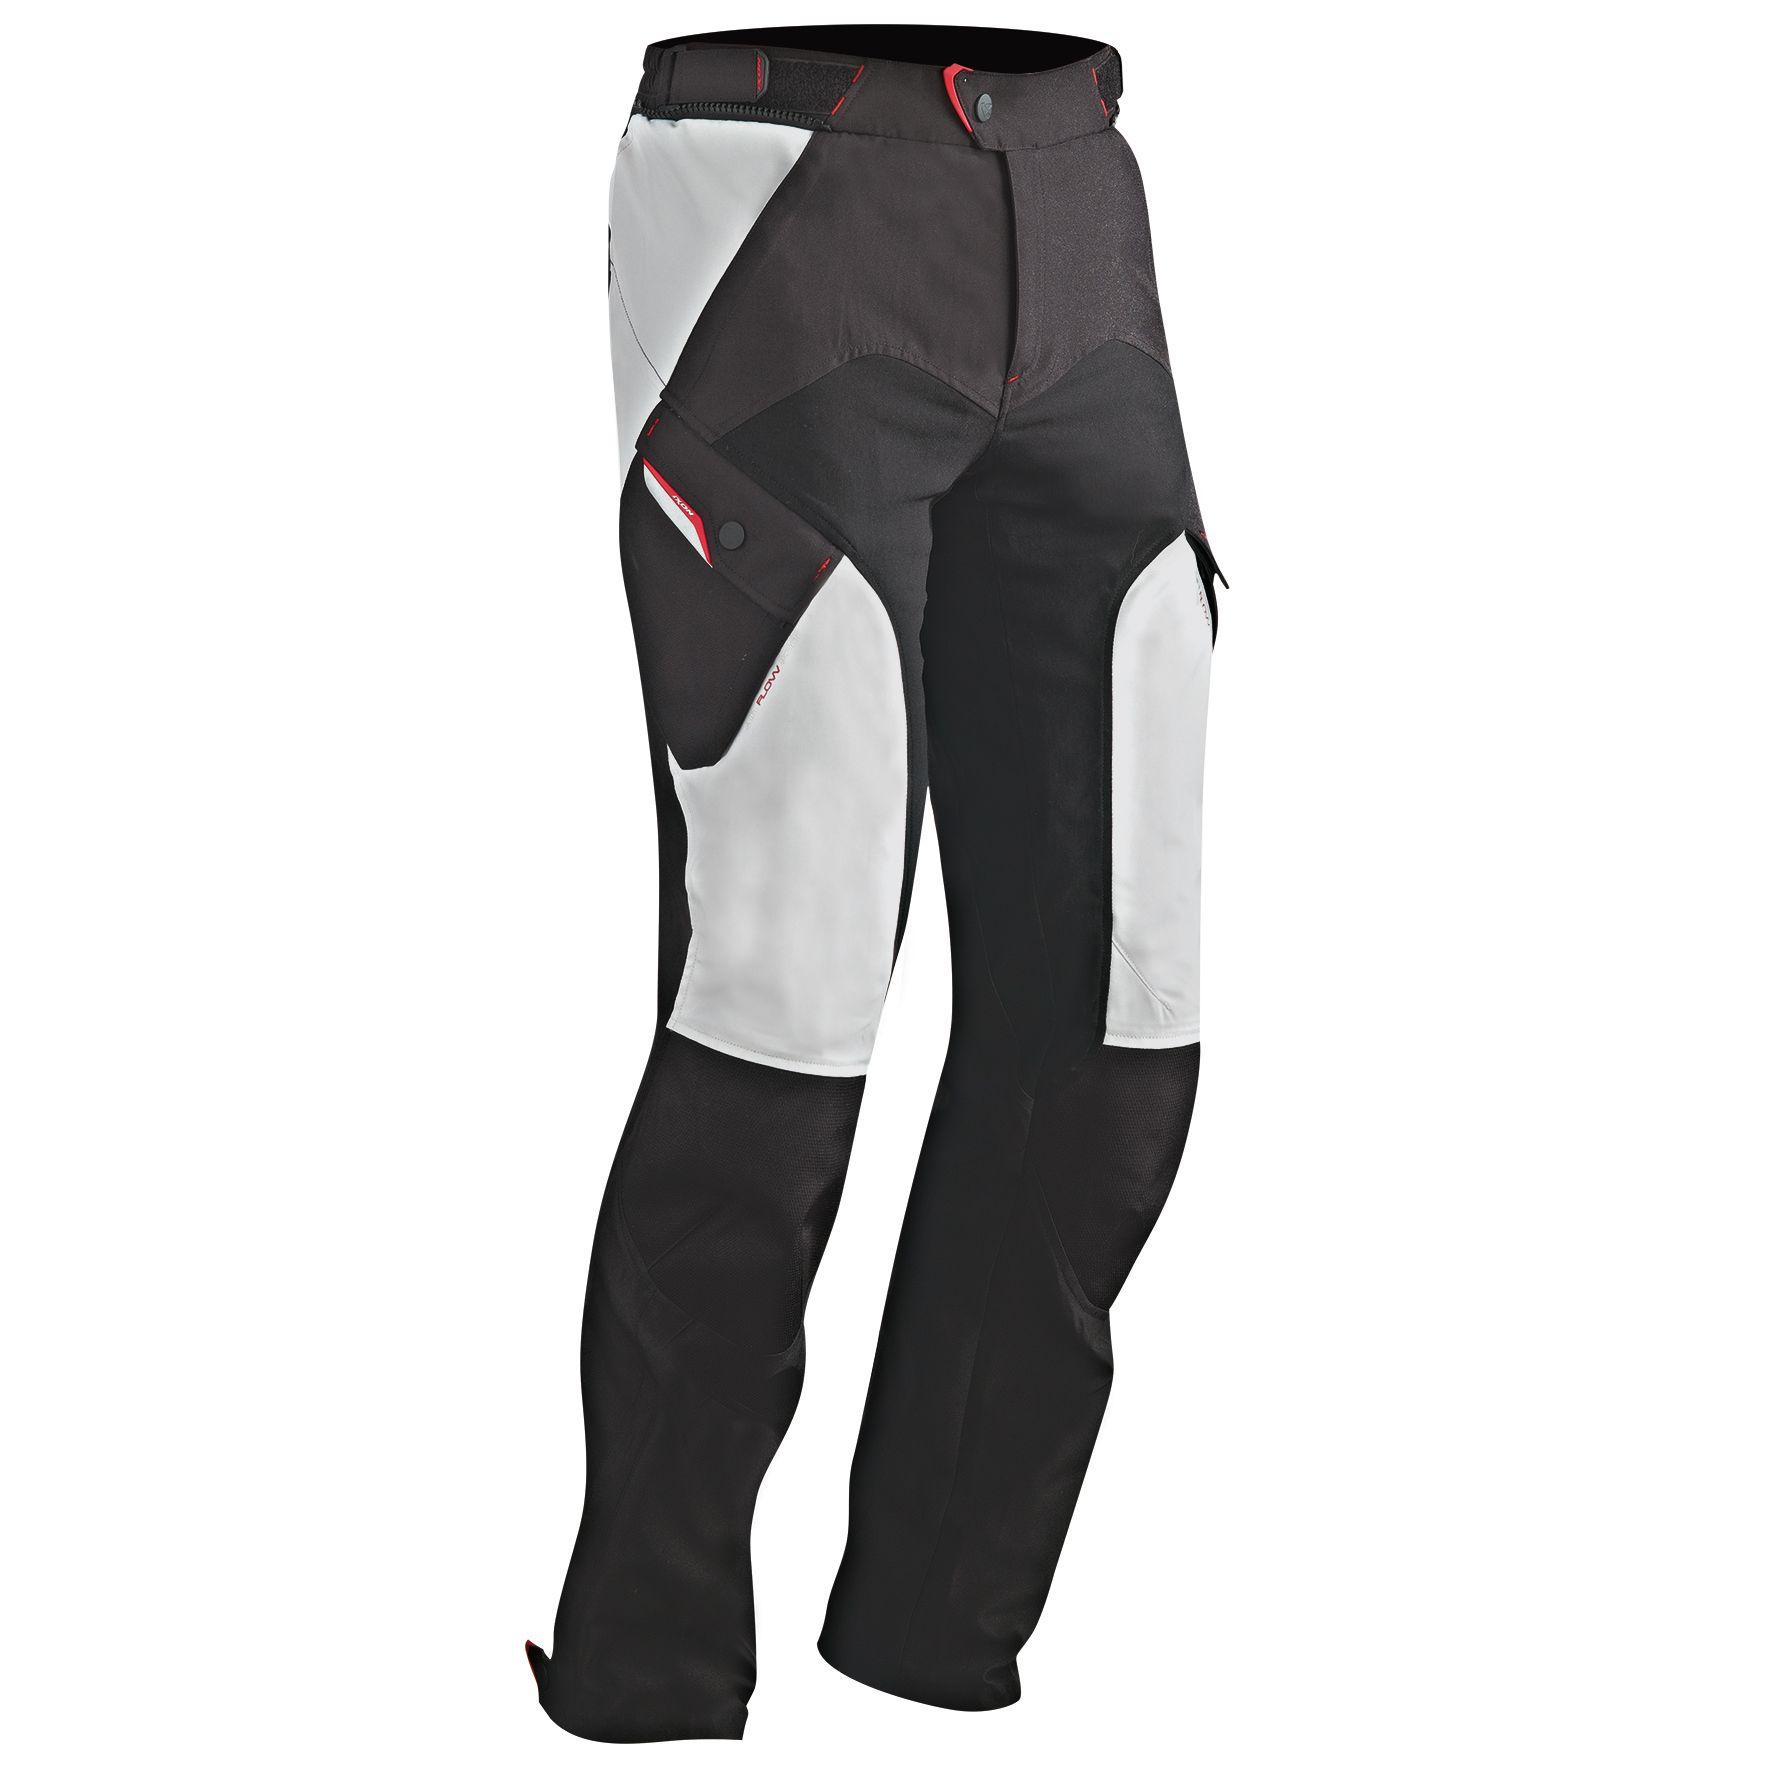 Pantalon moto : les avantages du jean